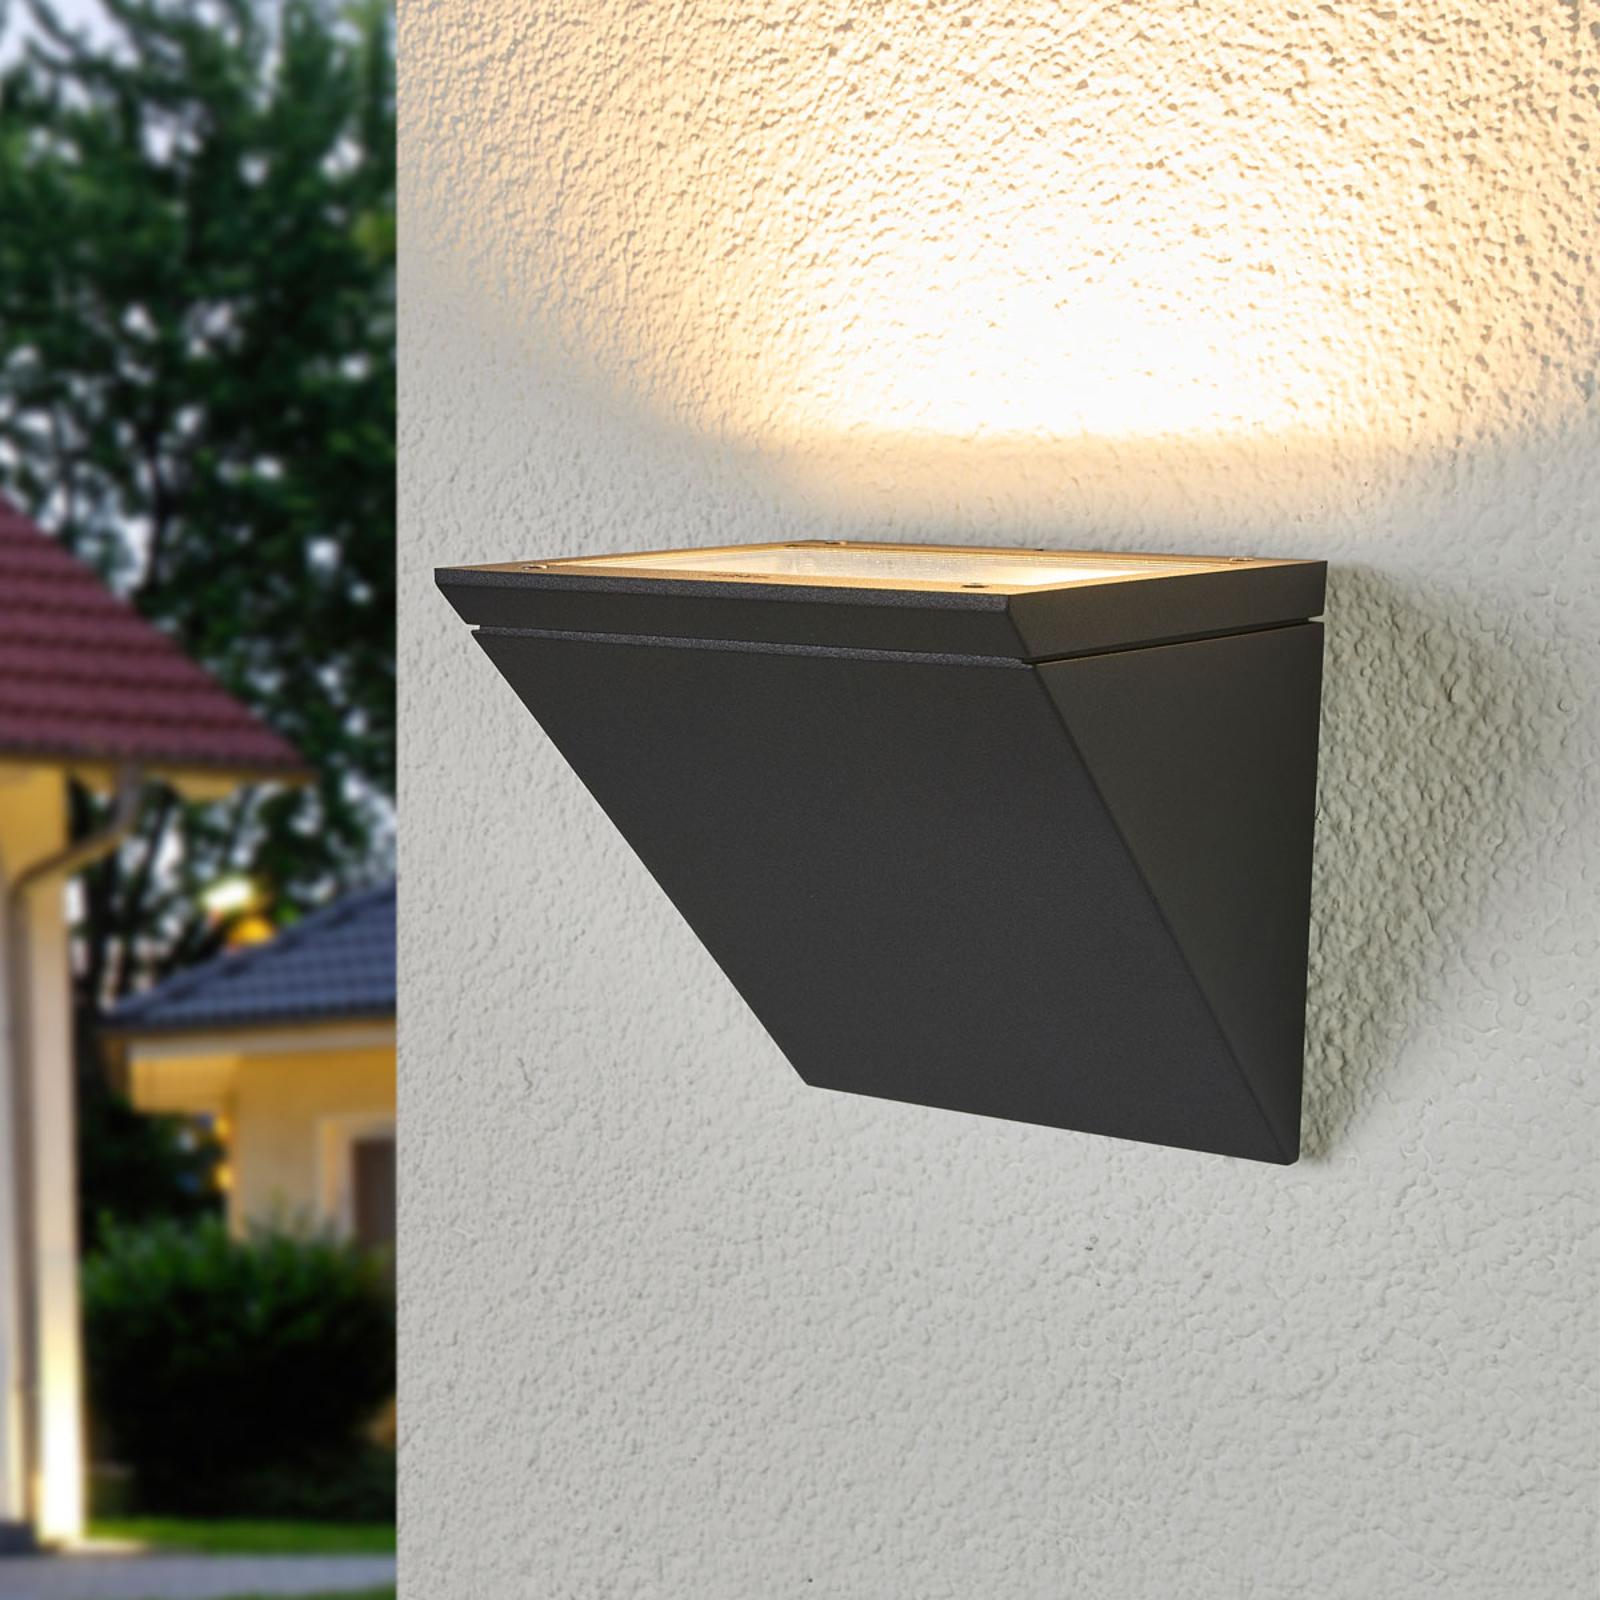 BEGA 22449K3 LED wall uplighter graphite 3,000 K_1566021_1